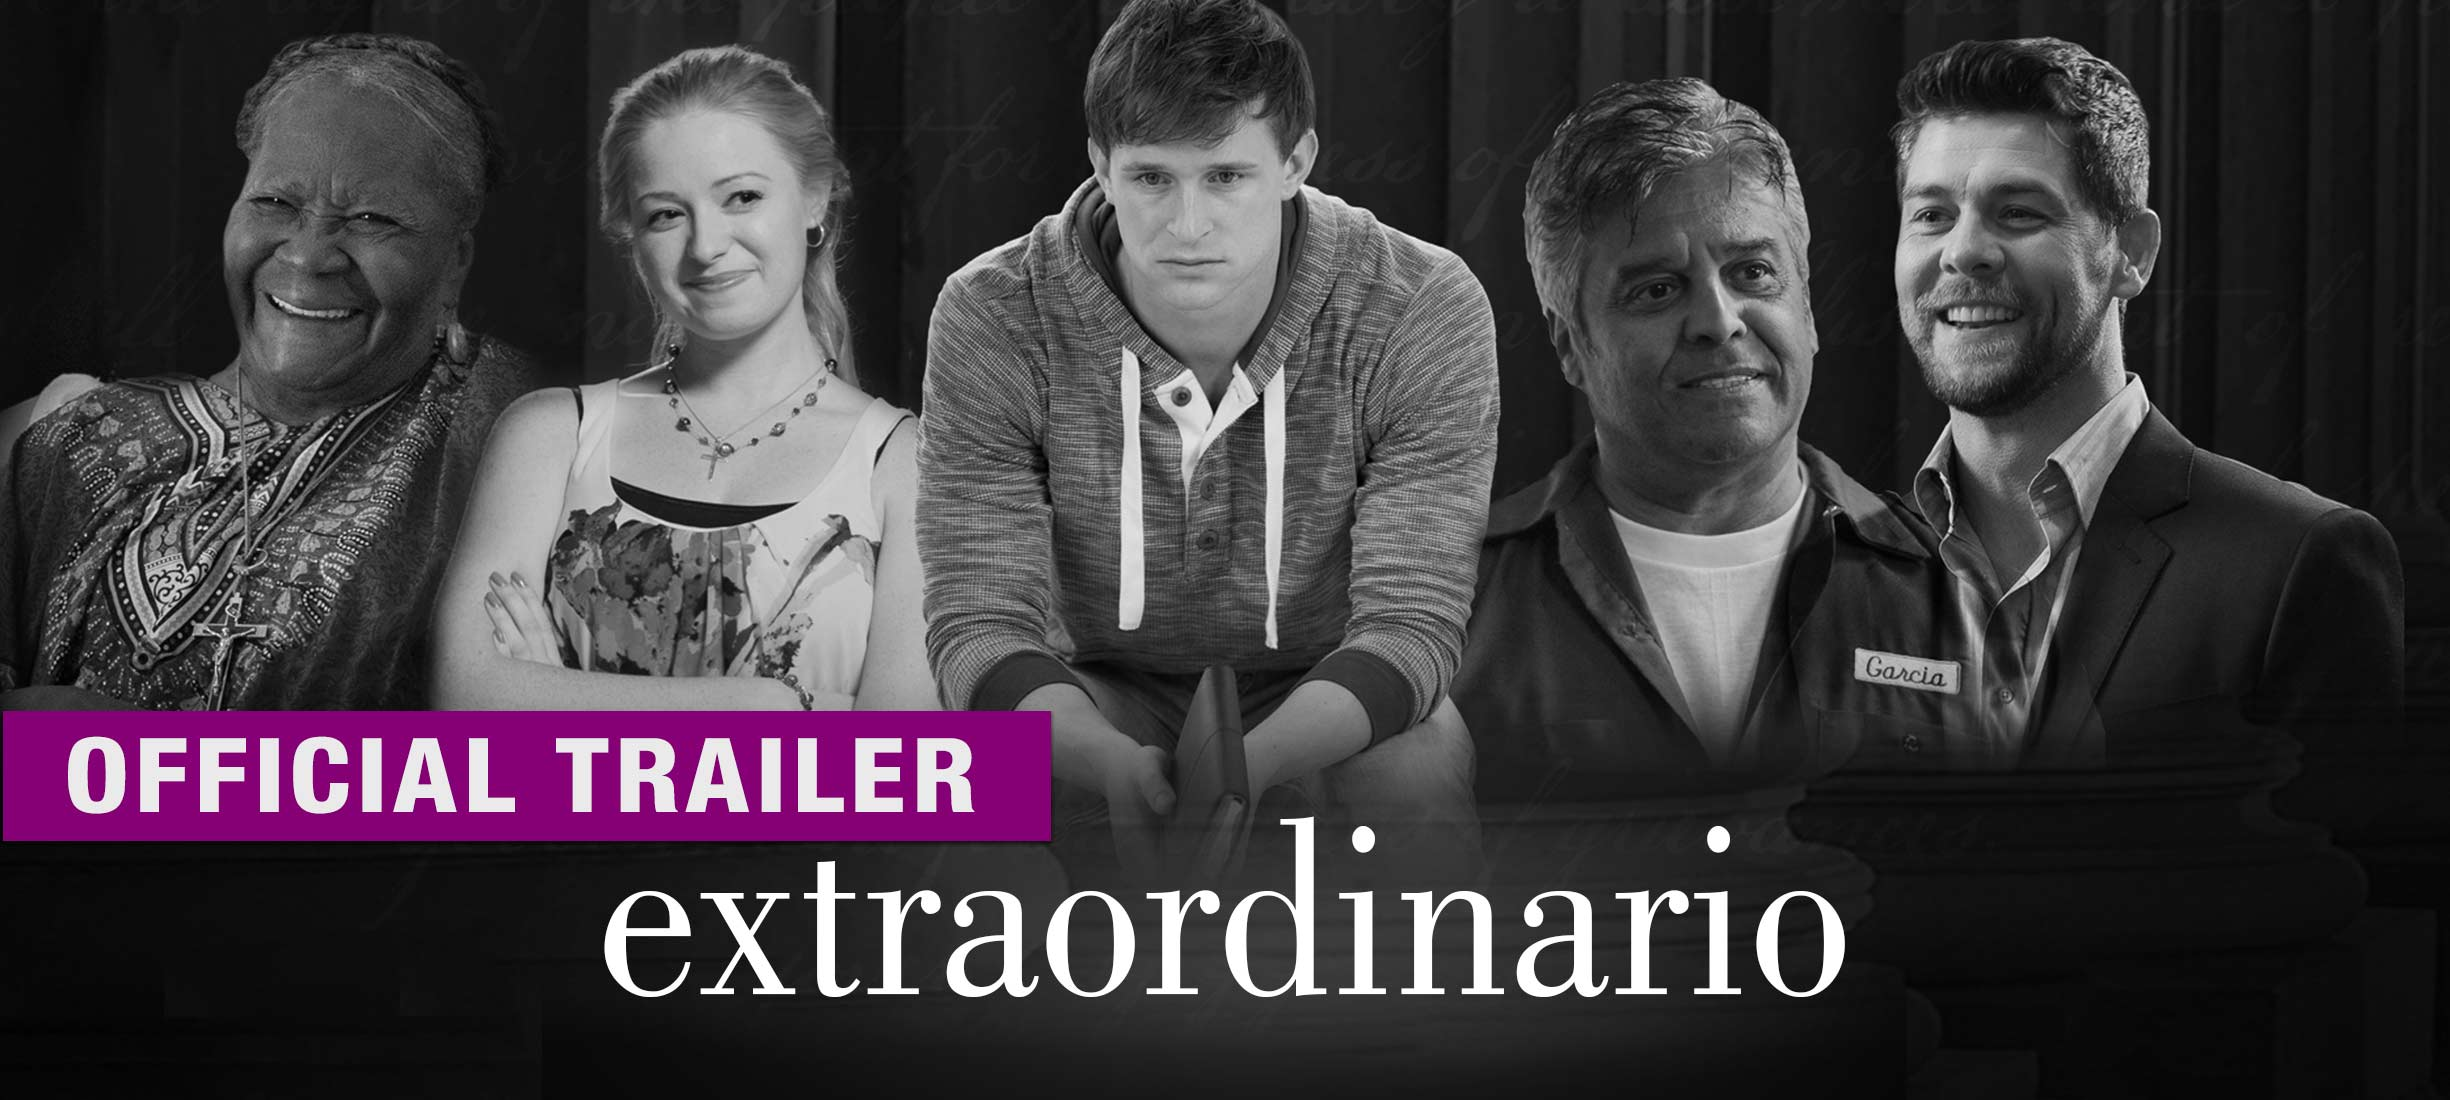 Extraordinario: Trailer